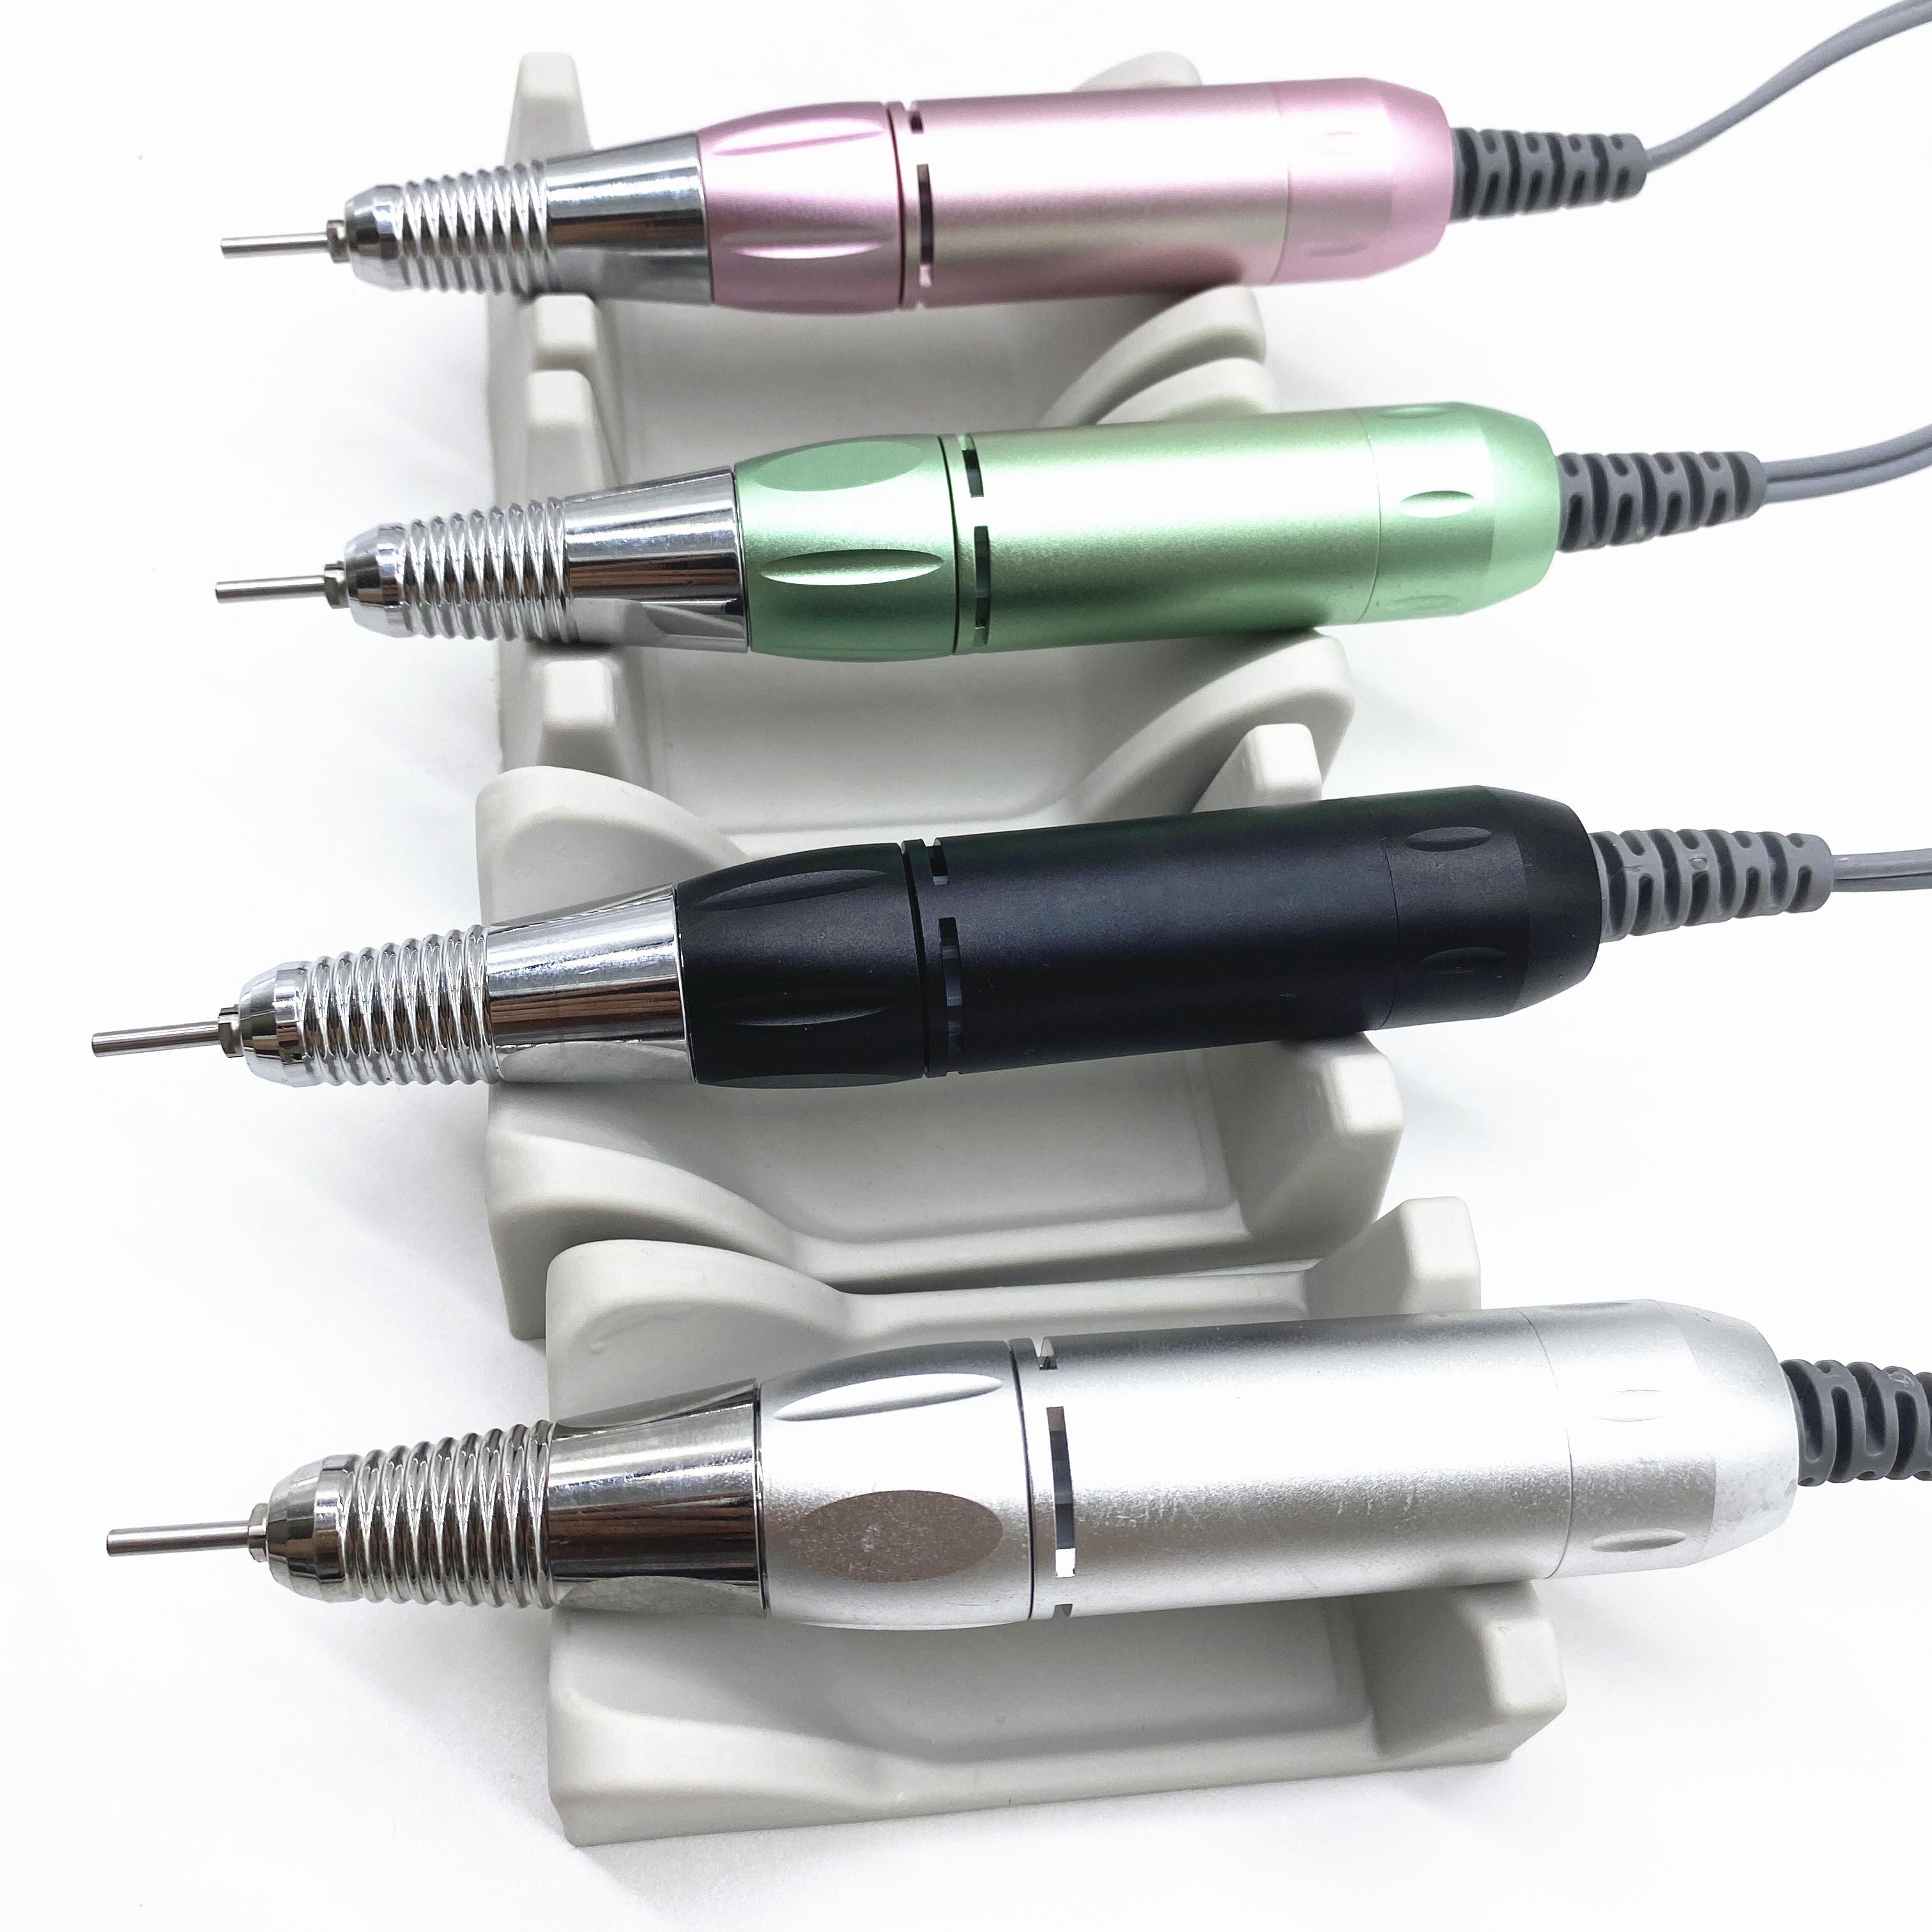 35000 об/мин, лак для ногтей, сверлильный станок для маникюра, фрезер для ногтей, сверлильный прочная ручка наконечника для Электрический Фрез...